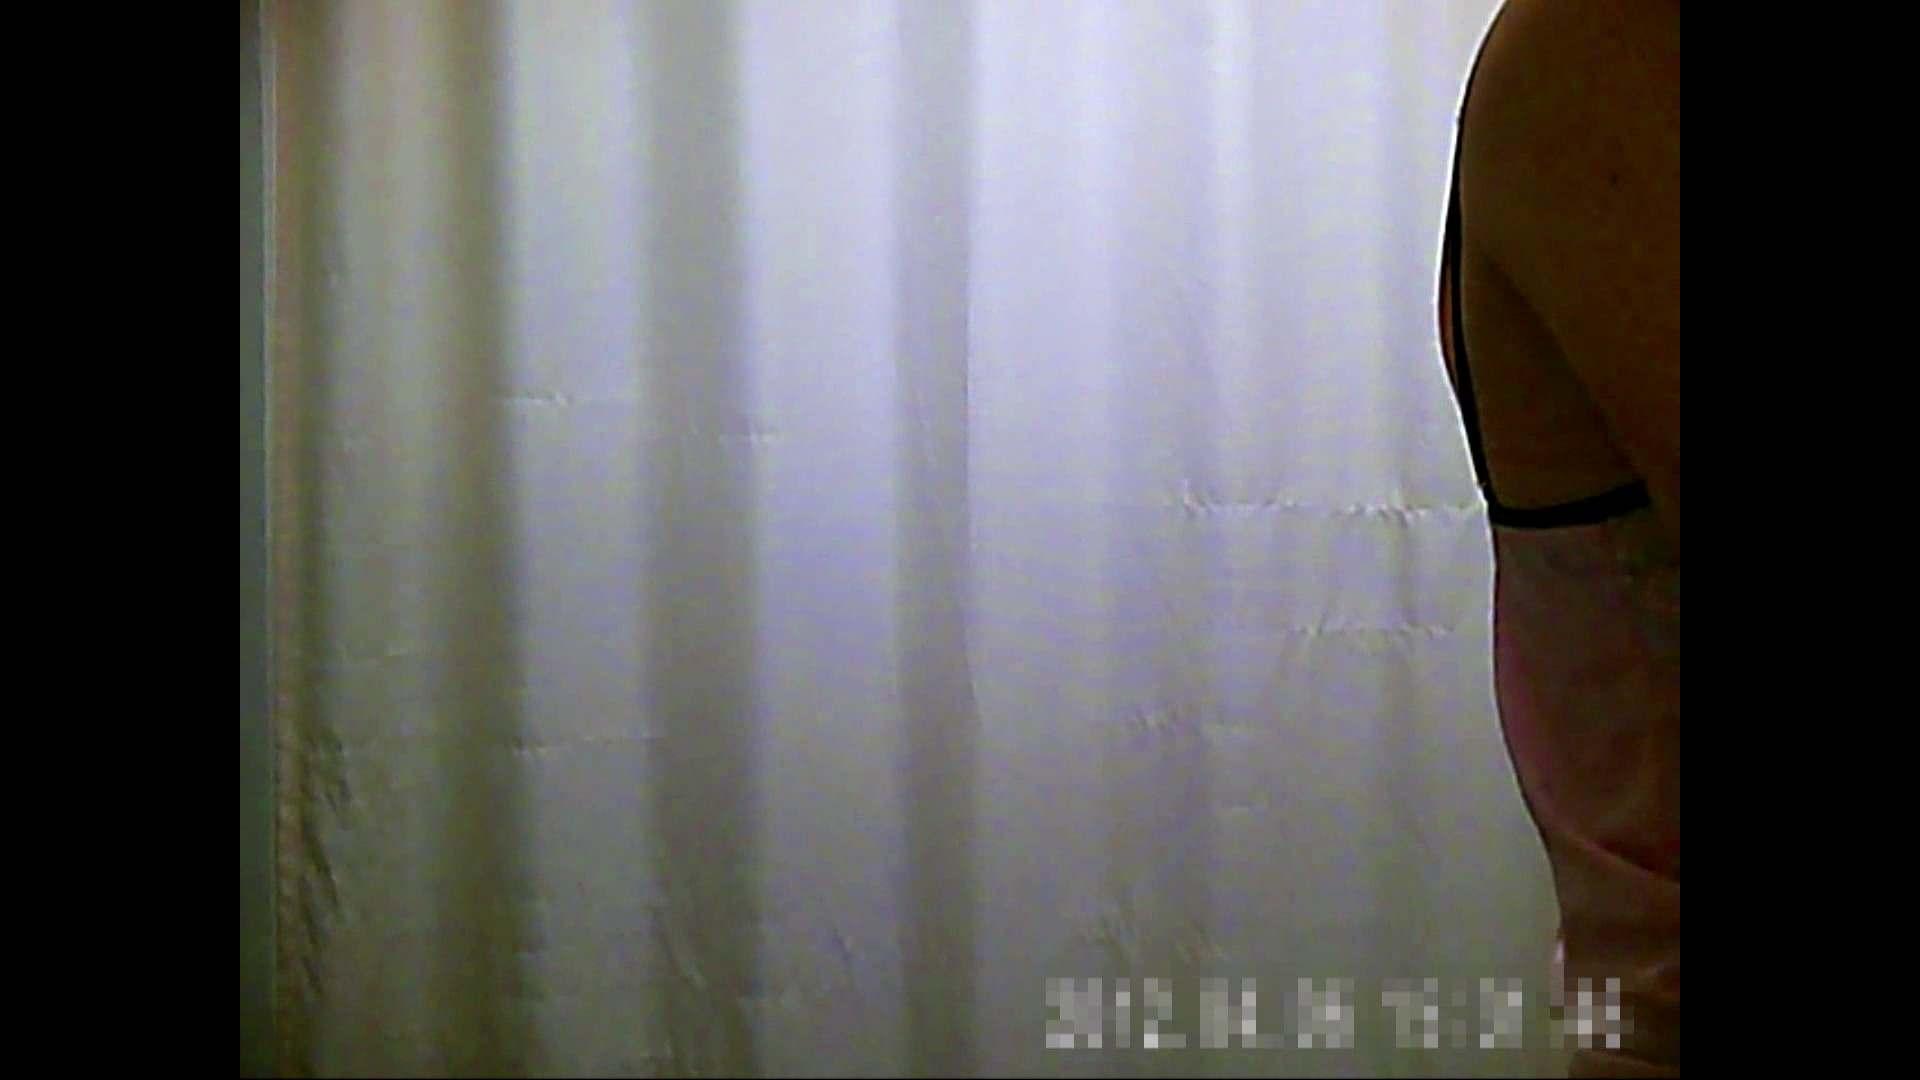 おまんこ丸見え|元医者による反抗 更衣室地獄絵巻 vol.020|怪盗ジョーカー